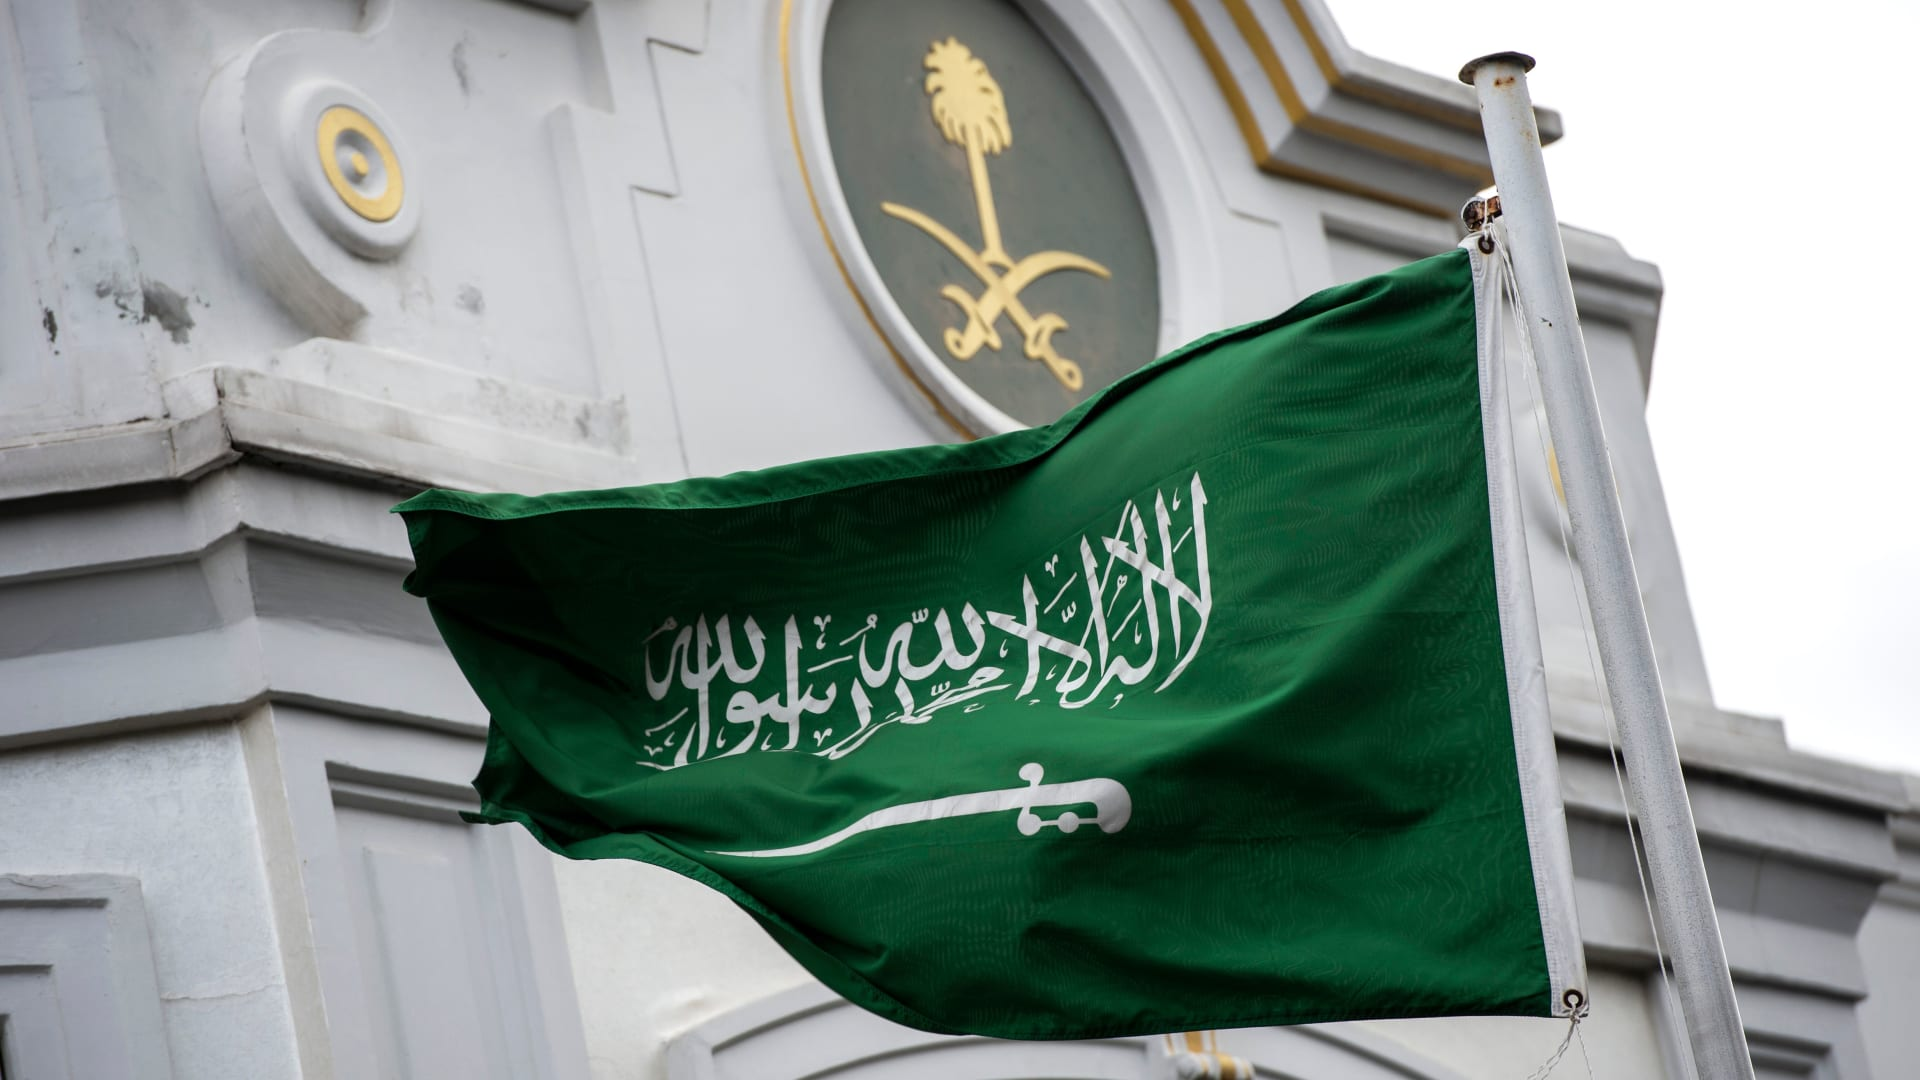 النيابة العامة السعودية: لهذا السبب قُتل جمال خاشقجي